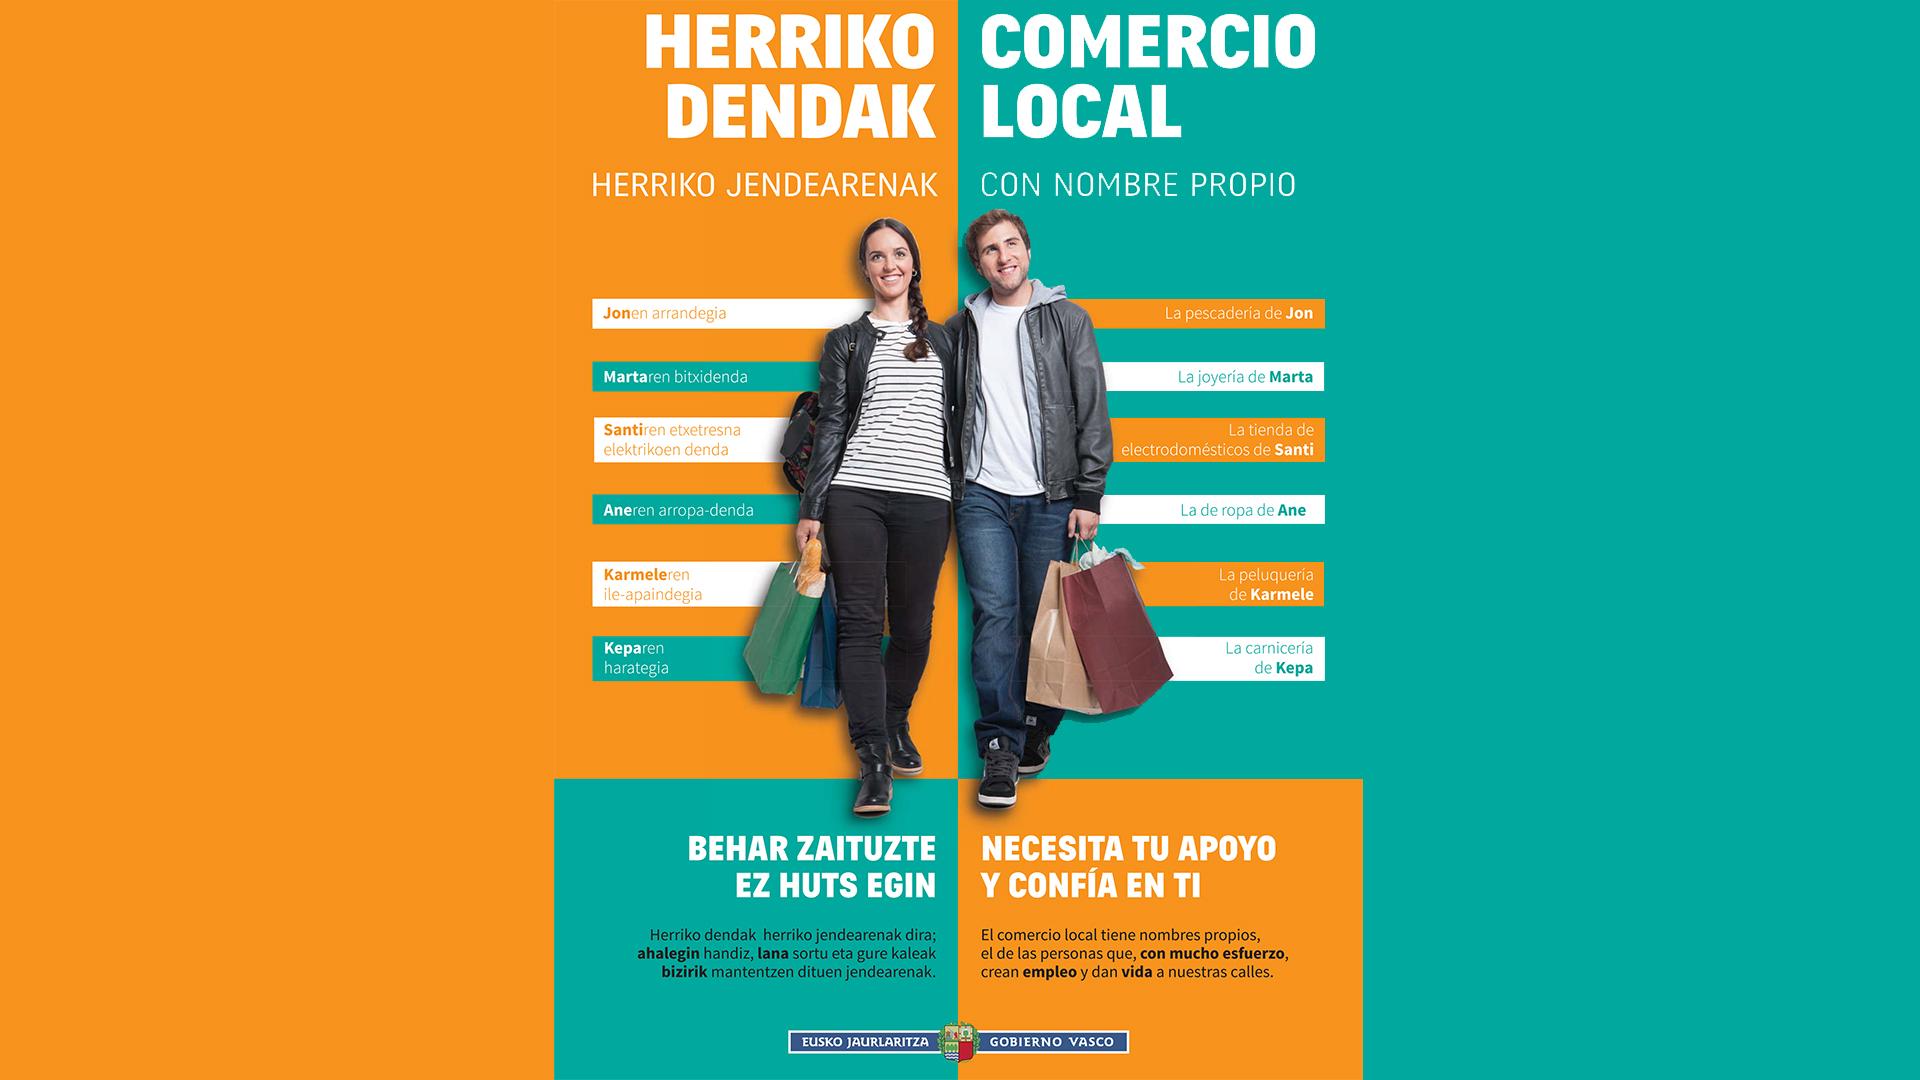 Campaña de sensibilización y valoración social del Comercio Local 2016